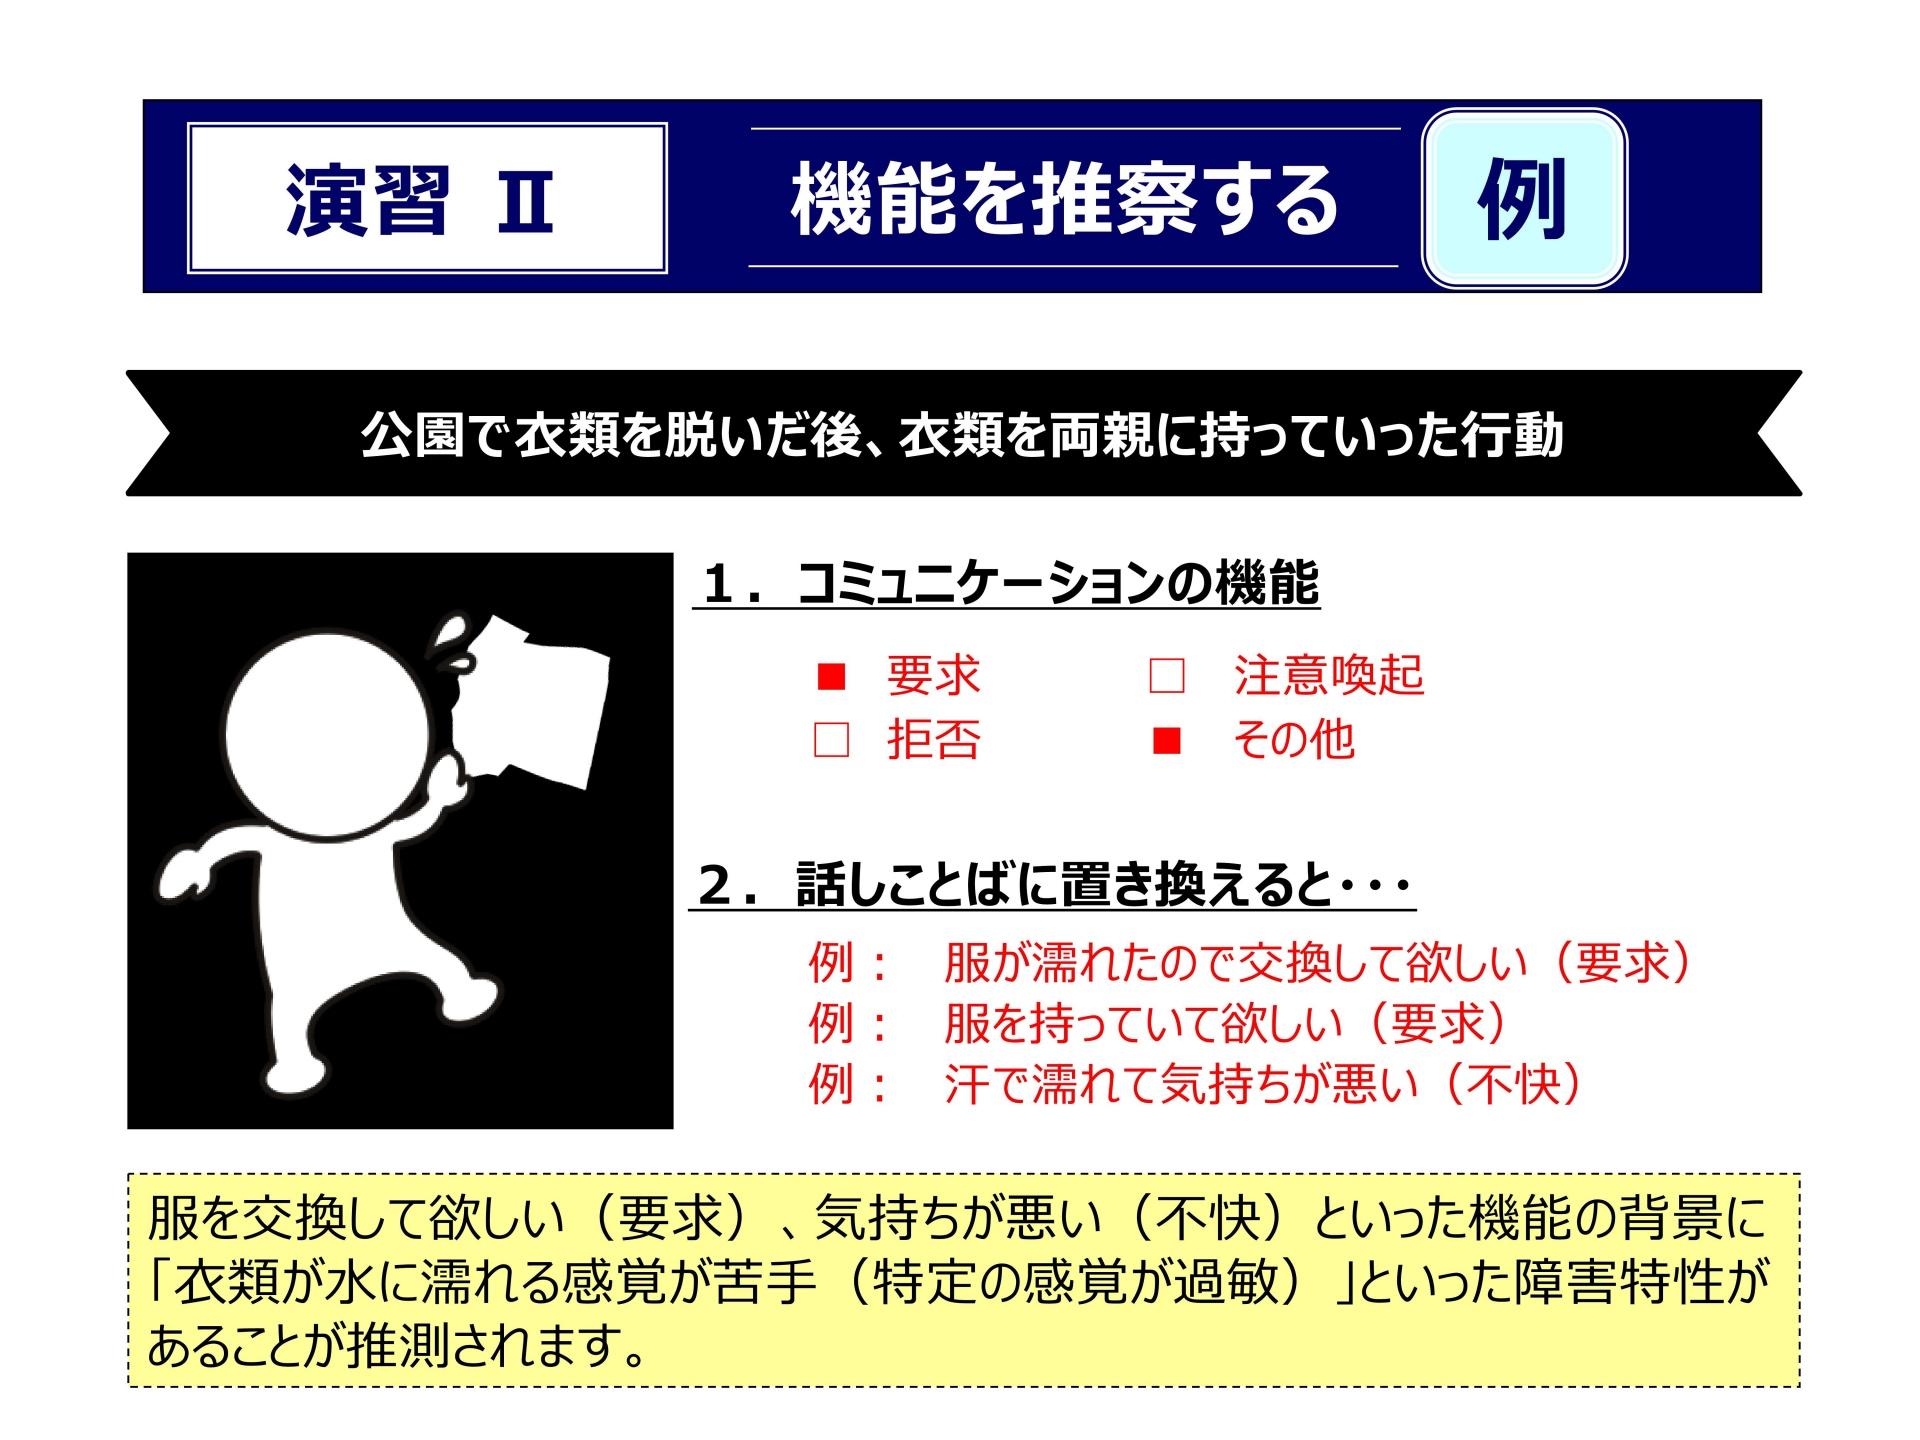 05強度行動障害とコミュニケーション(講師用)★例示